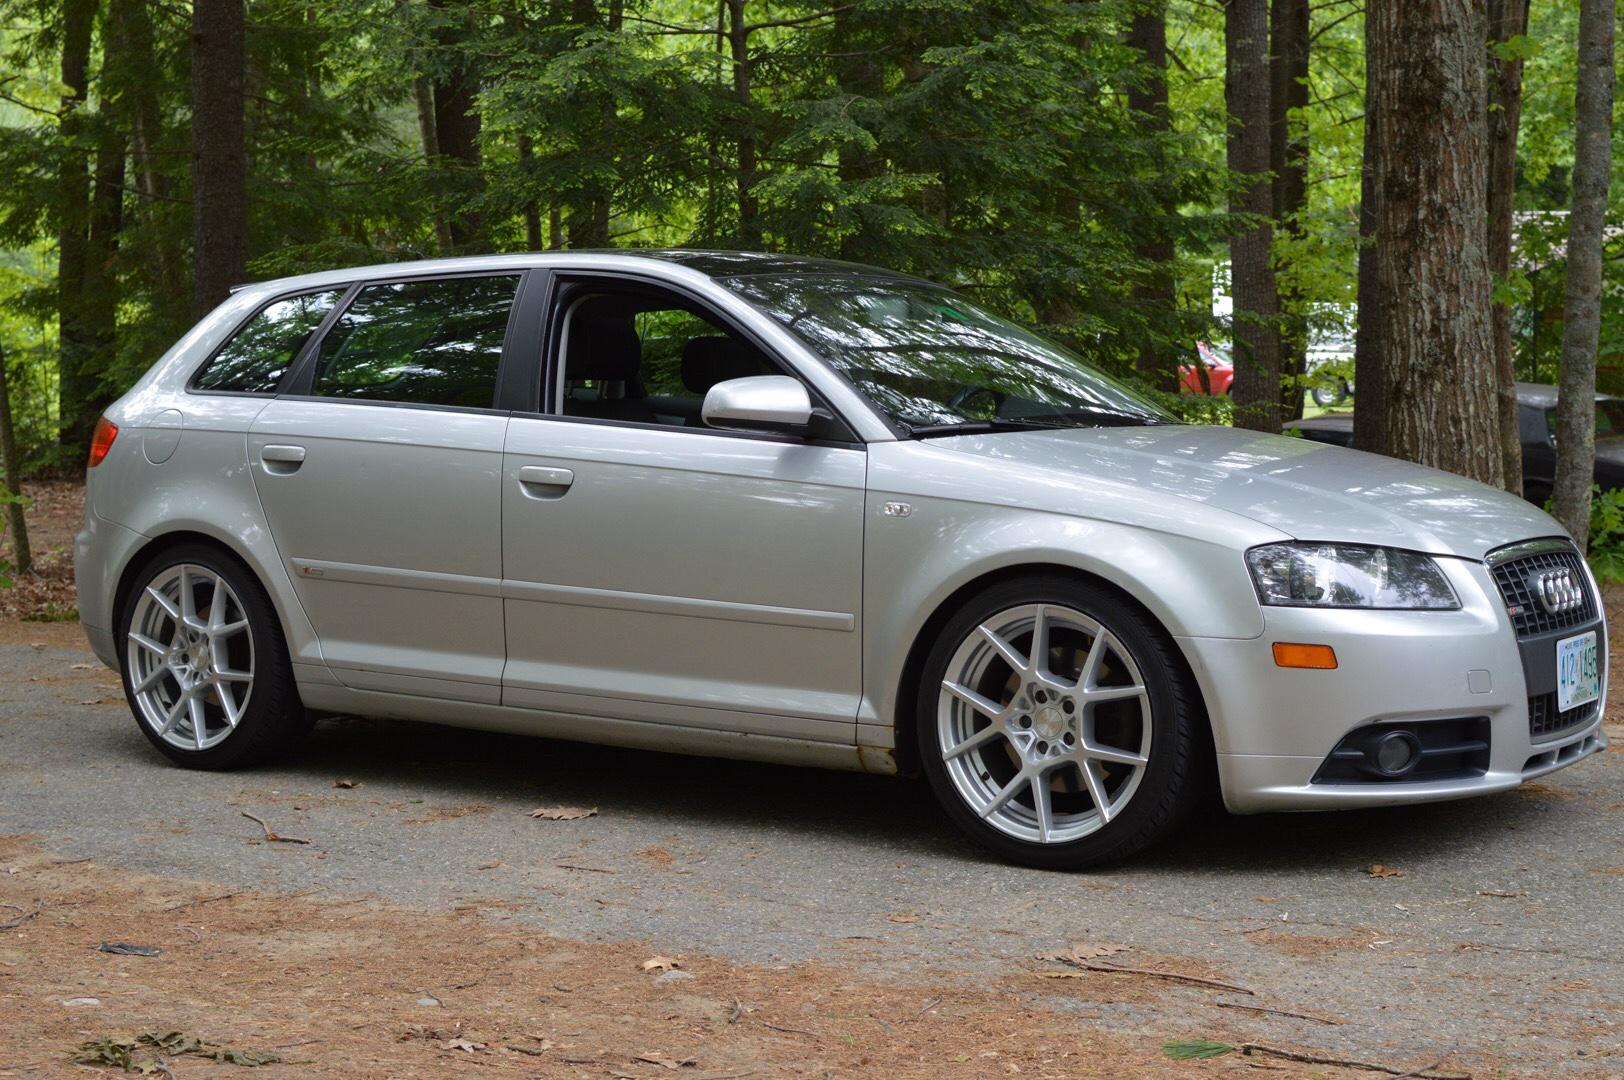 Kelebihan Audi A3 3.2 Spesifikasi